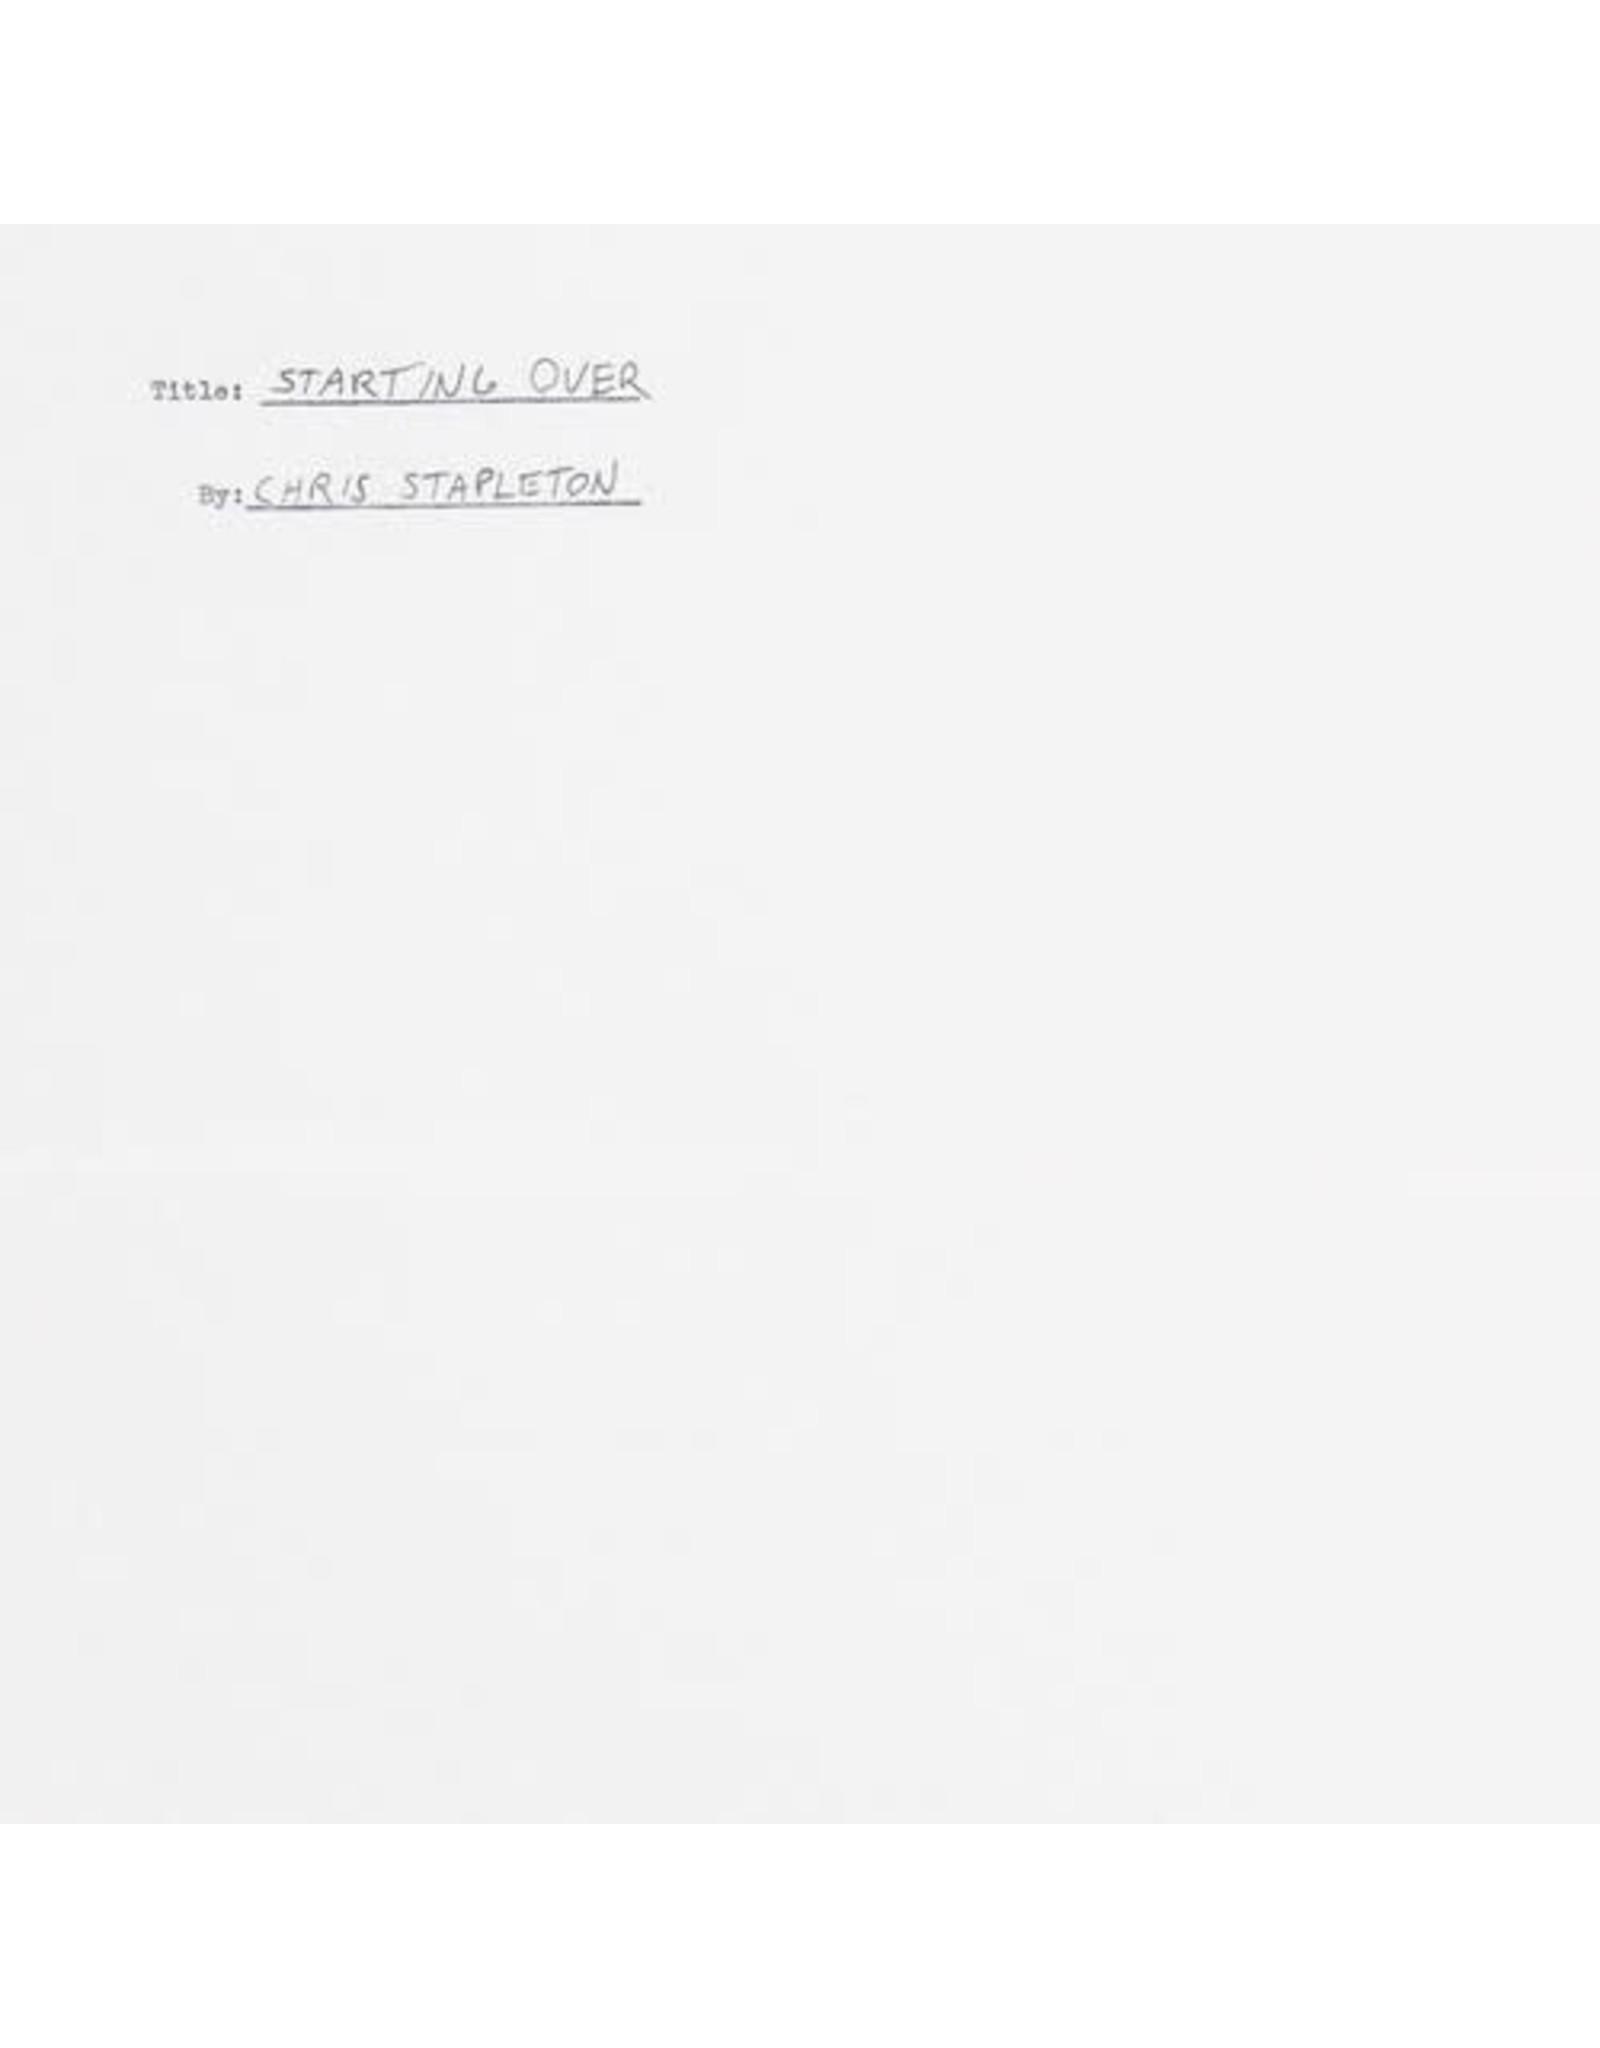 New Vinyl Chris Stapleton - Starting Over 2LP